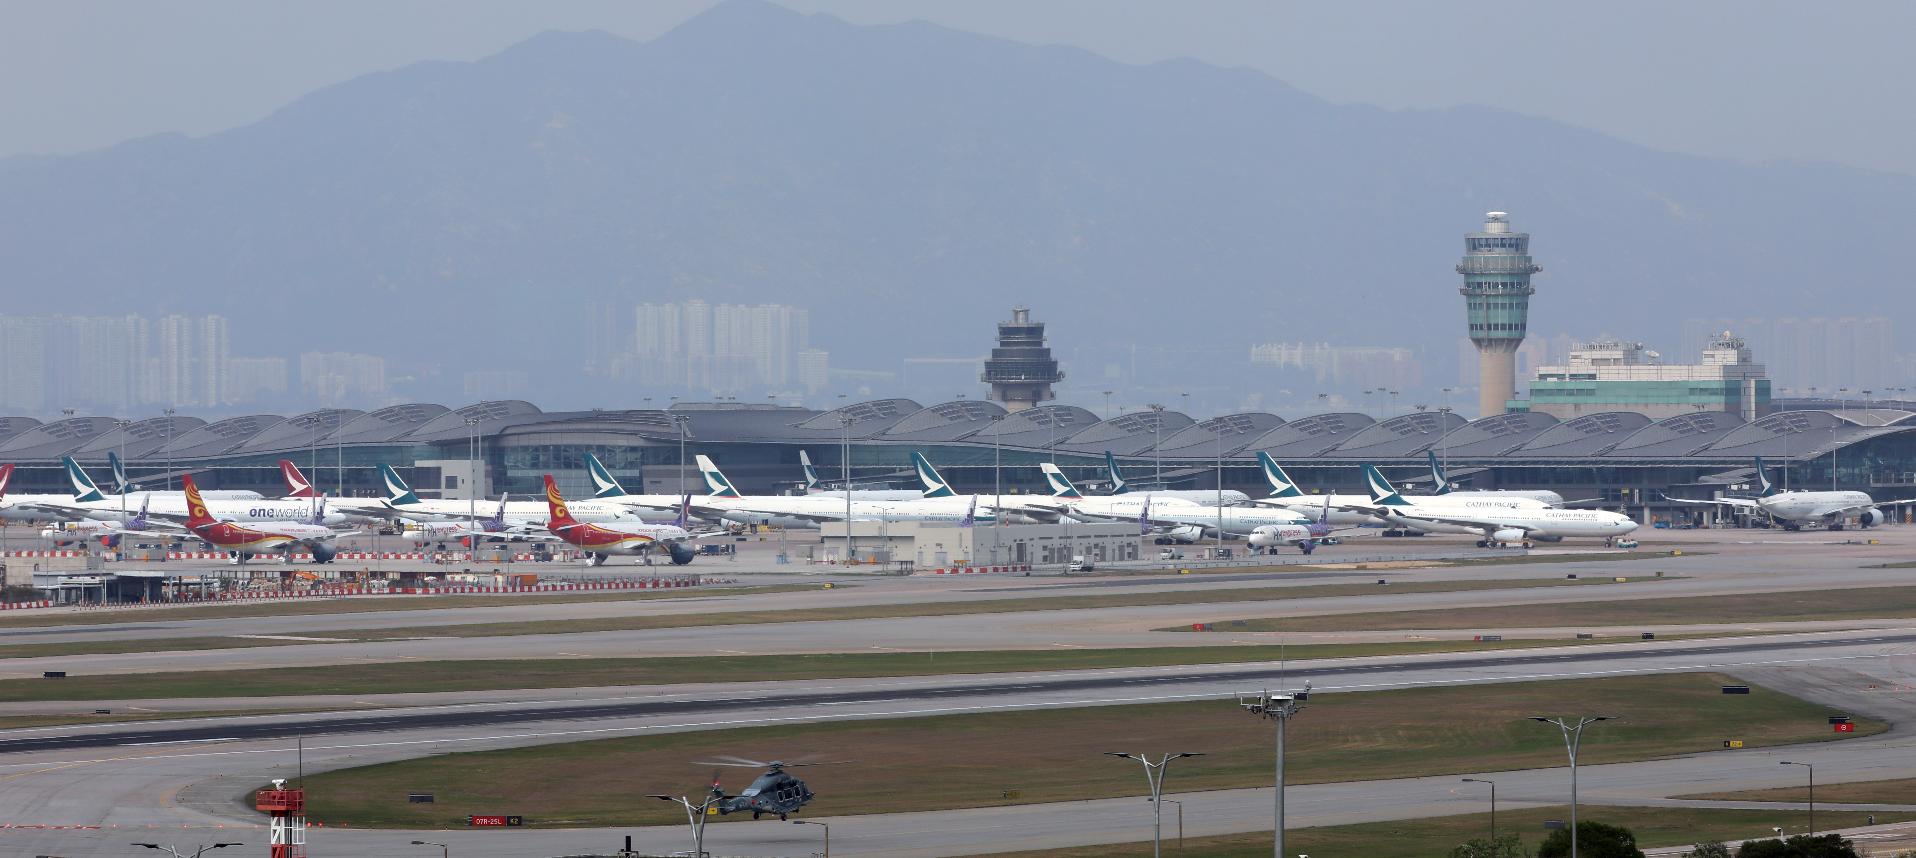 中國民航局表示,到2025年基本建成粵港澳大灣區世界級機場群。(大公文匯全媒體中心資料圖片)